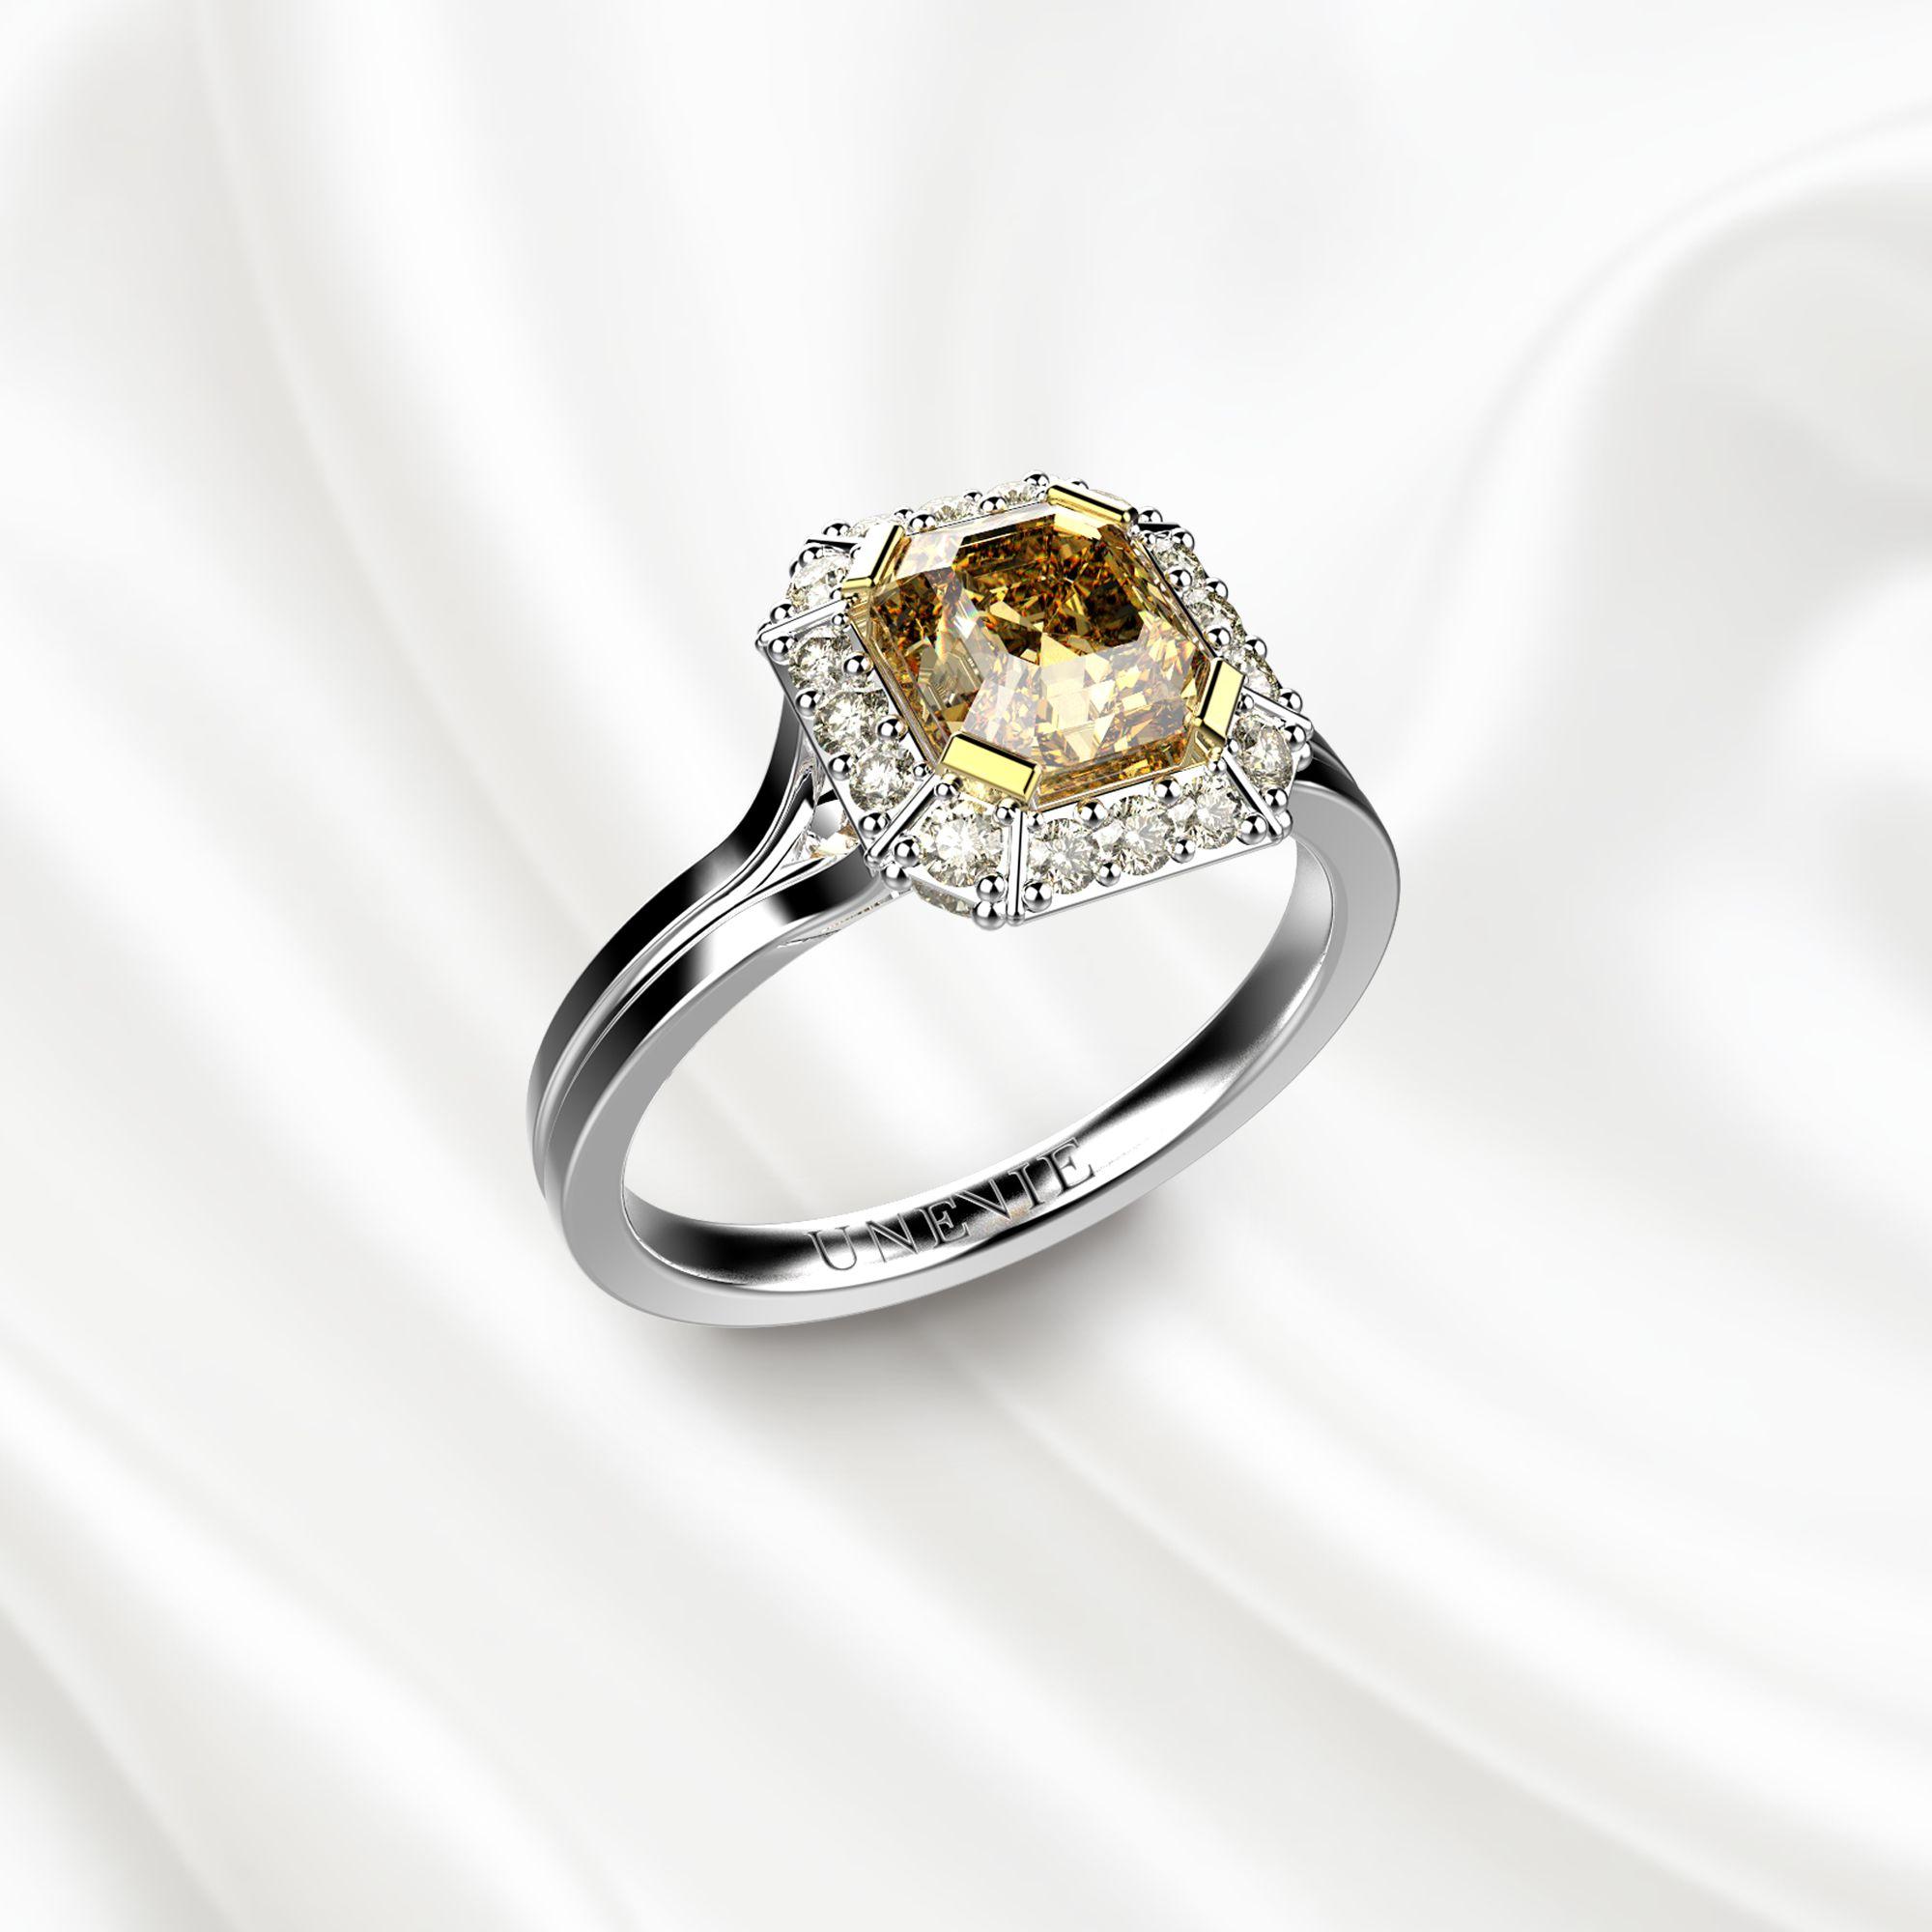 N7 Помолвочное кольцо из белого золота c жёлтым бриллиантом